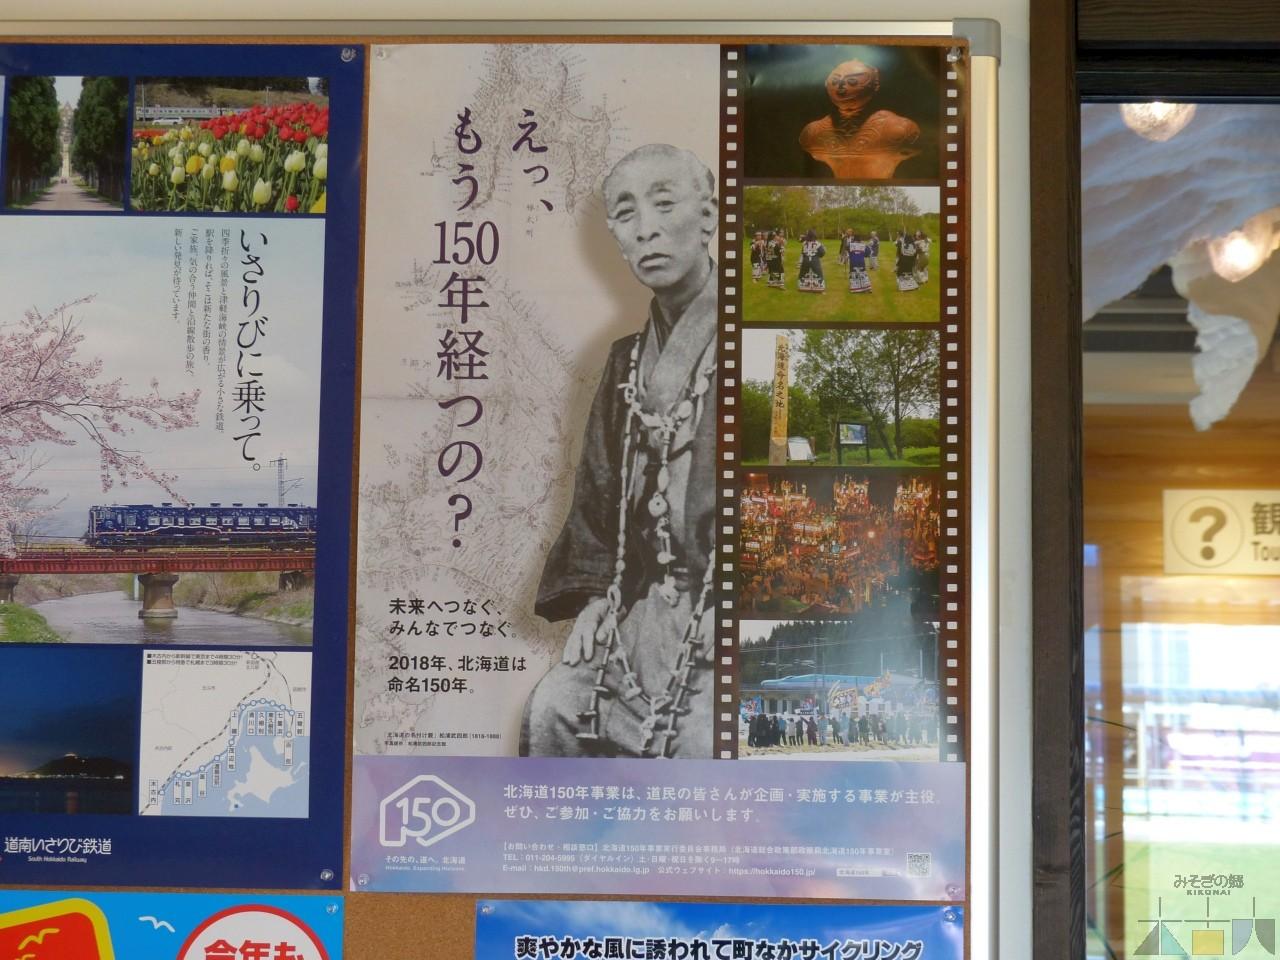 ご存知でしたか?「北海道」と命名されてもうすぐ150年。PRポスター掲示中!